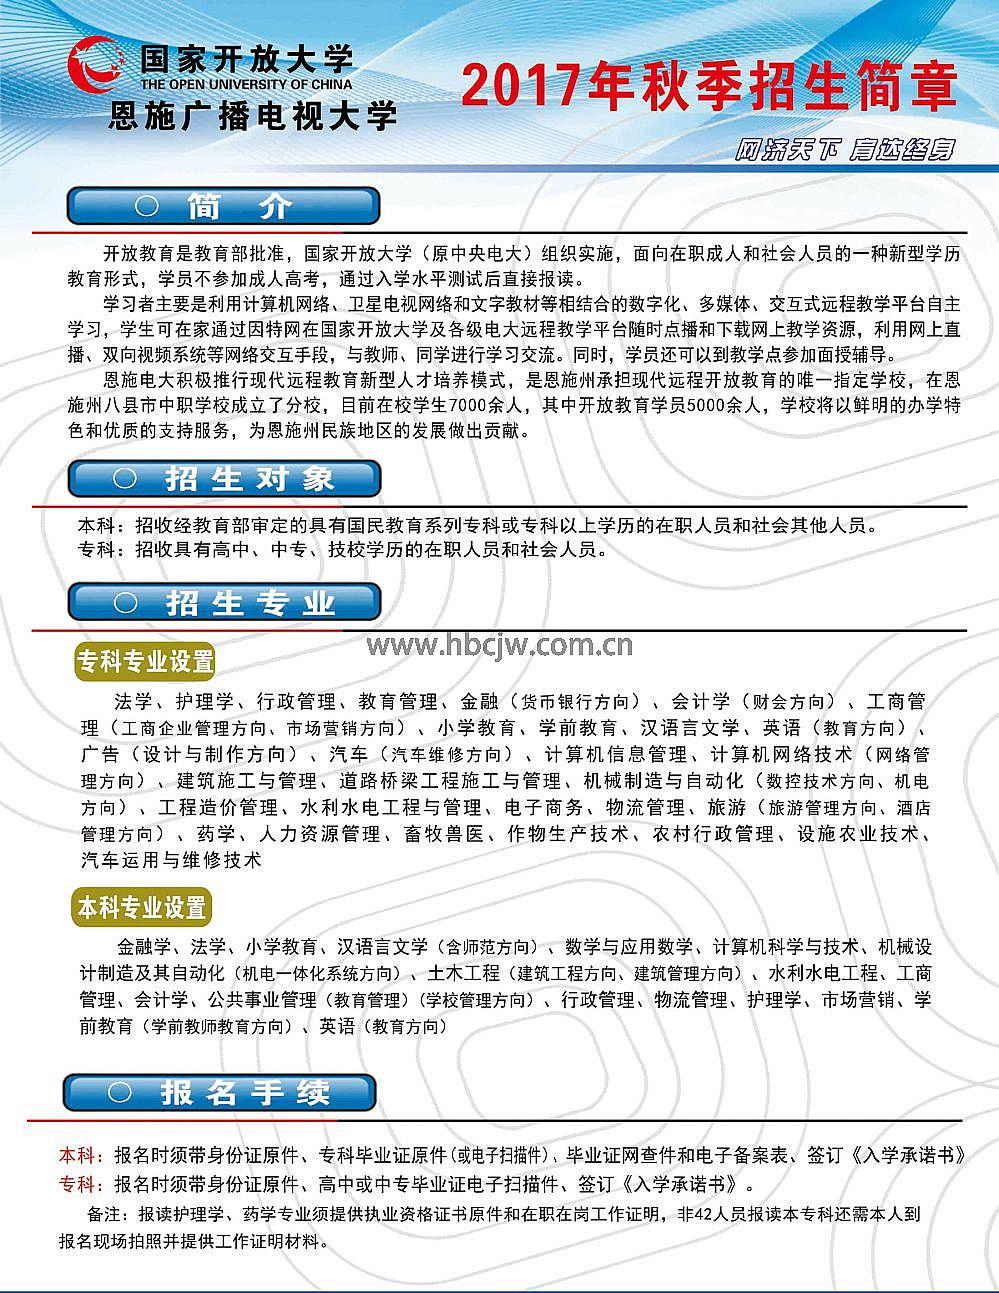 2017年恩施秋季国家开放大学招生简章